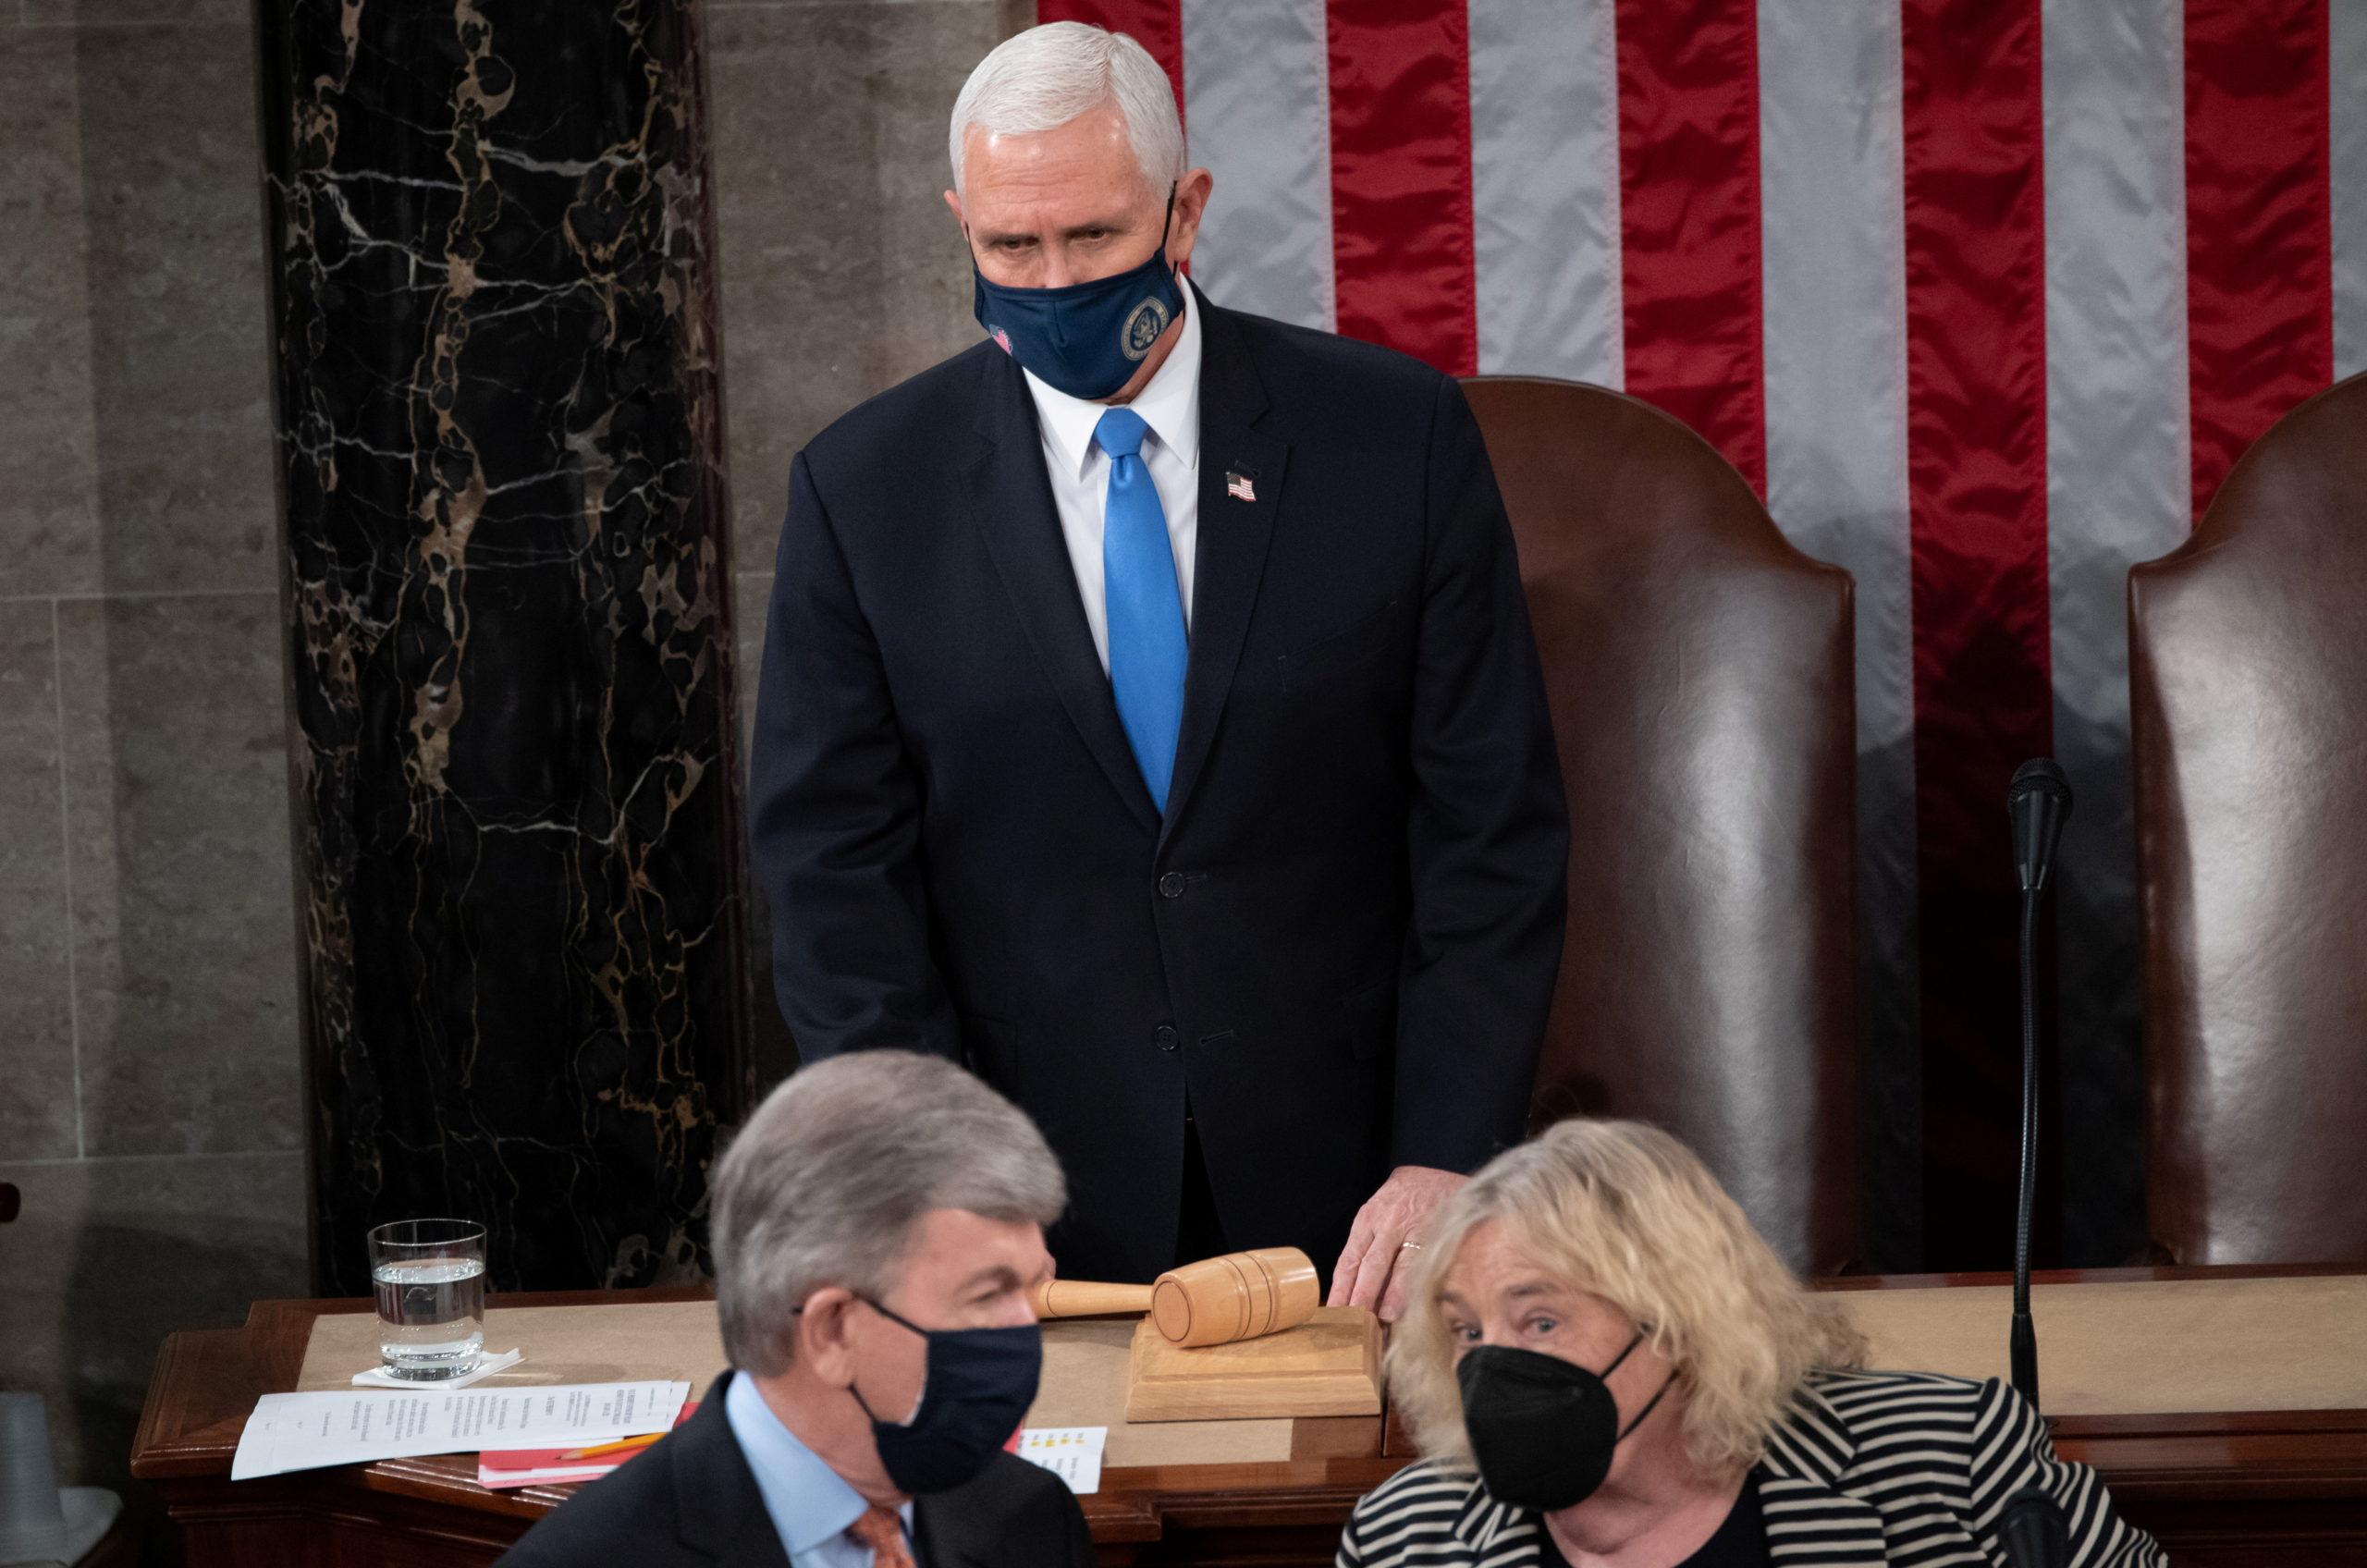 Прихильники Трампа увірвалися в будівлю Конгресу США, Пенс евакуйований з Капітолію